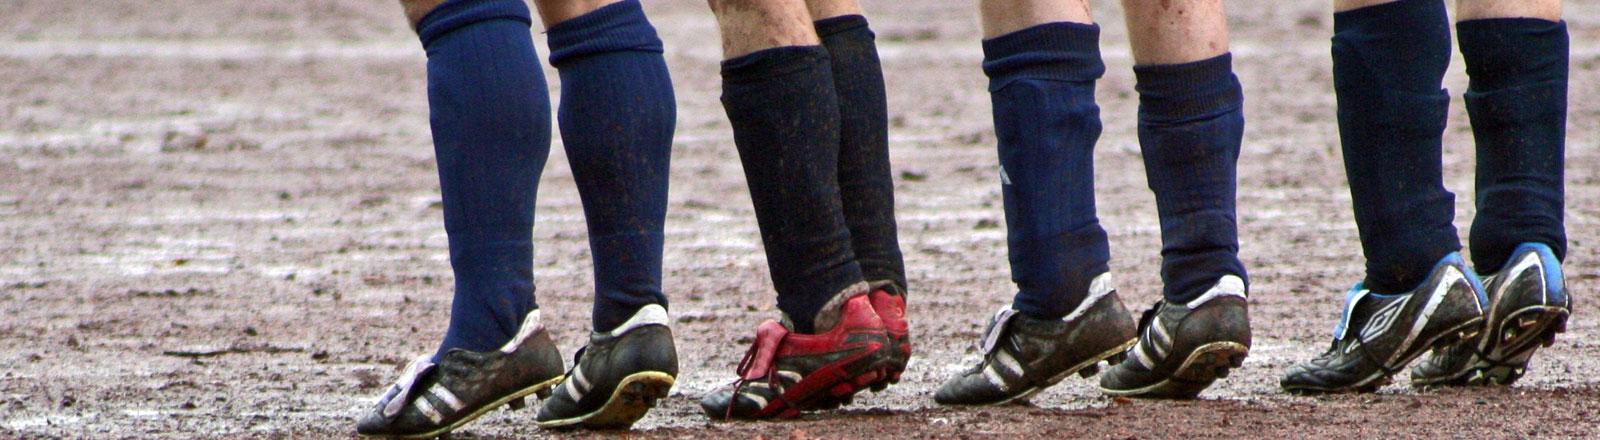 Fußballerwaden